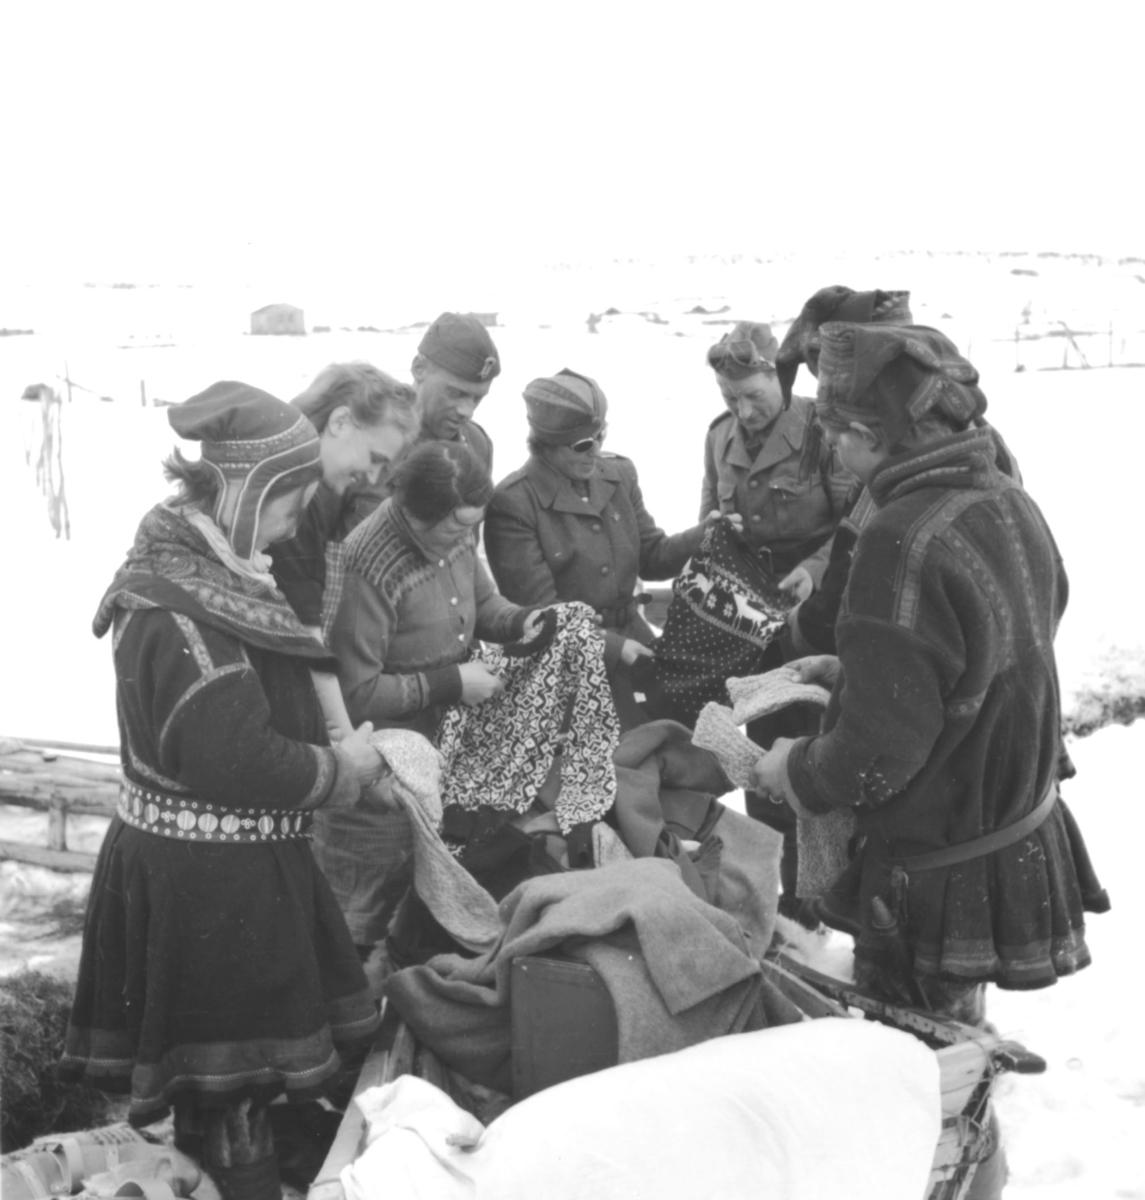 Samer og politisoldater står over en eske med klær og ulltepper. Dette er fra Kautokeino eller Lakselv.